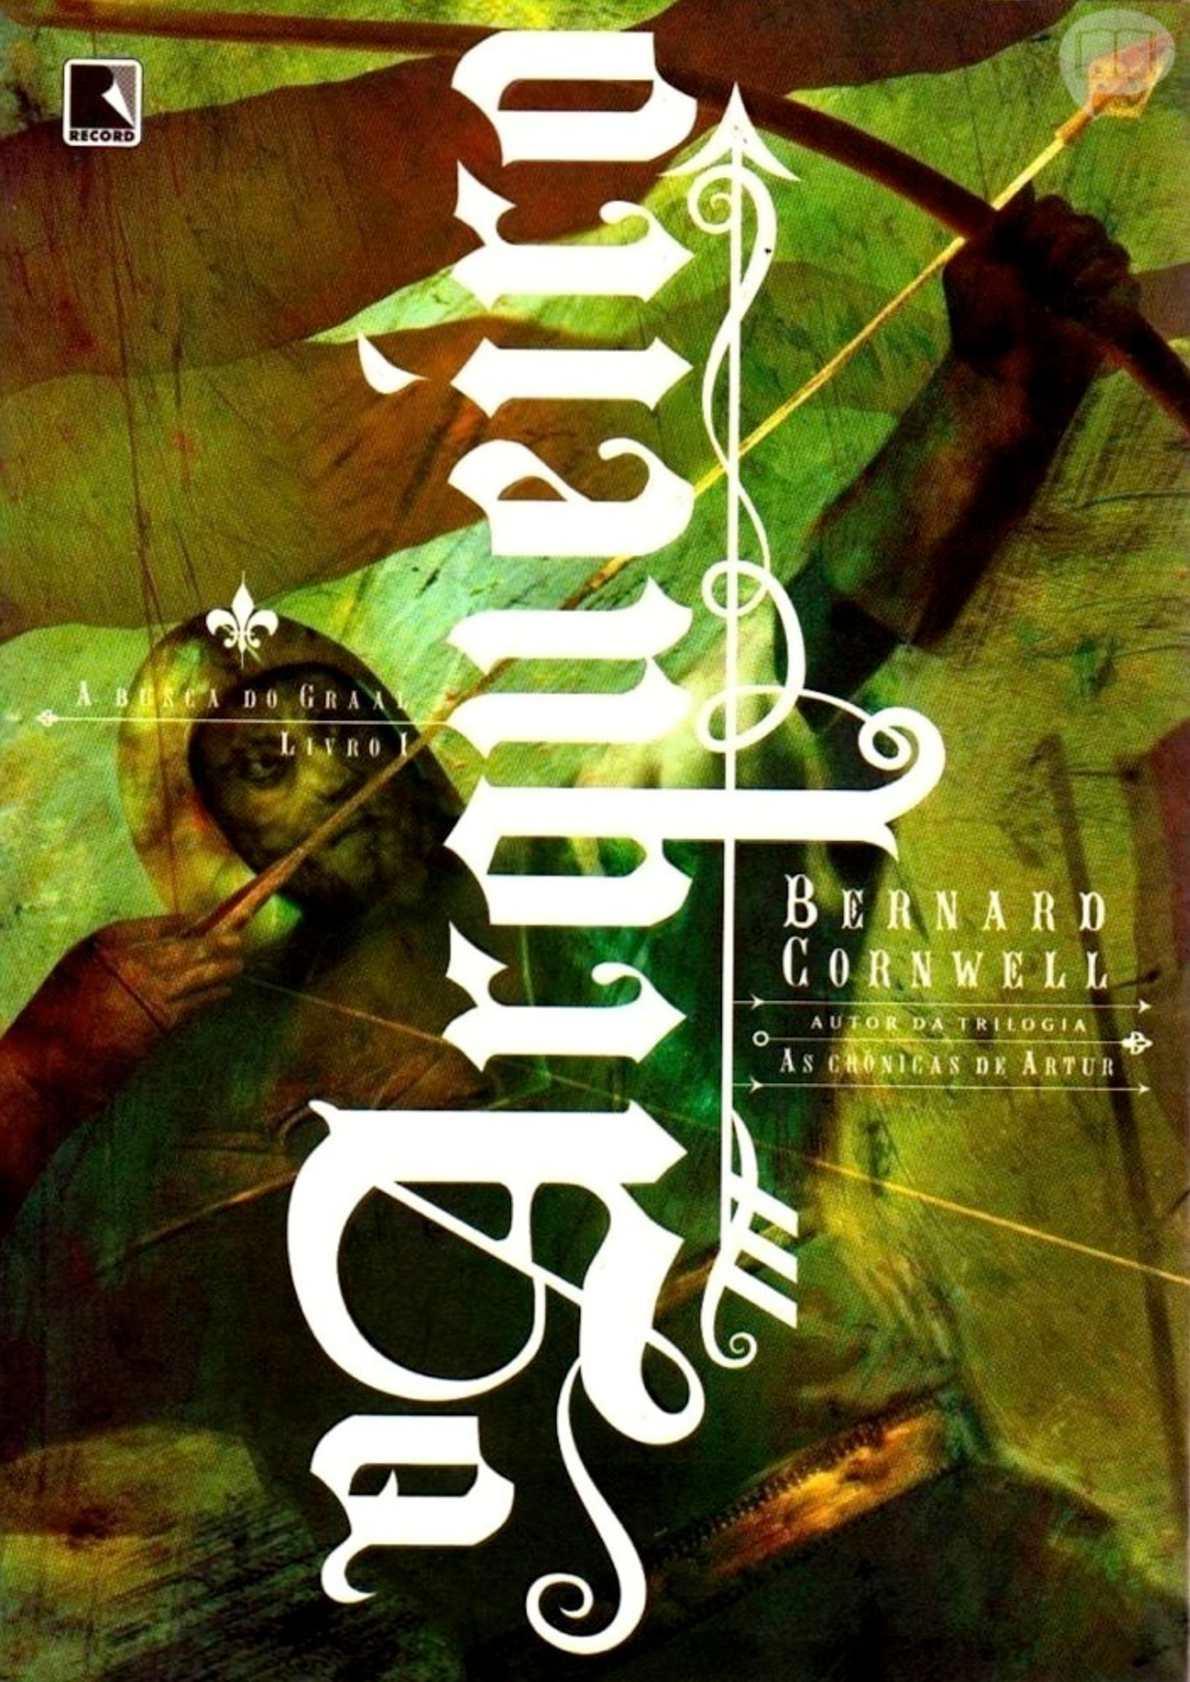 Saga A Busca do Graal - Livro 01 - O Arqueiro - Bernard Cornwell